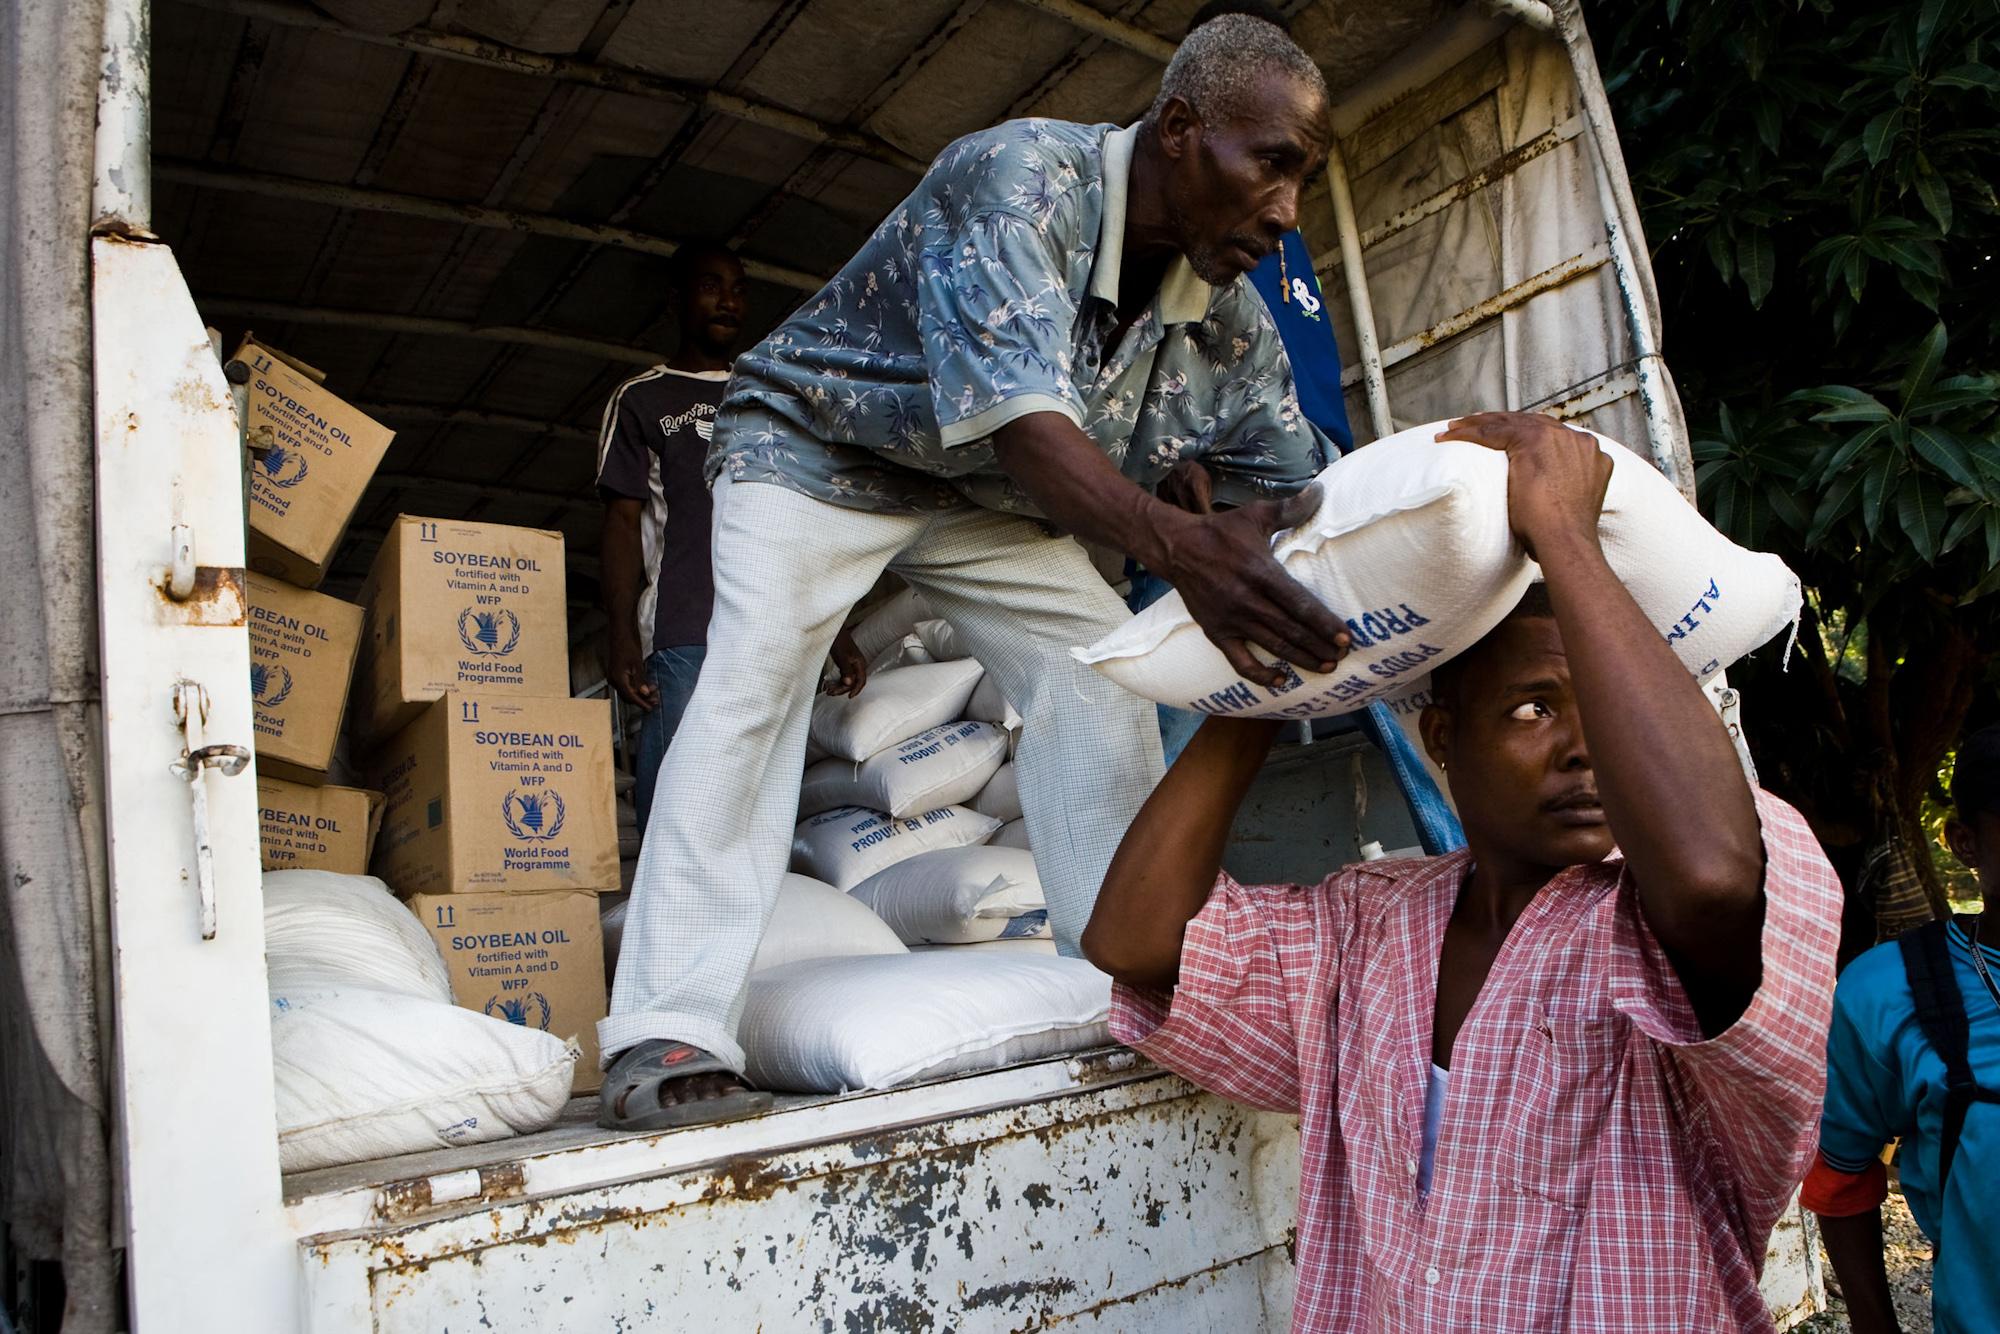 Haiti_Earthquake_new_seq_021.jpg